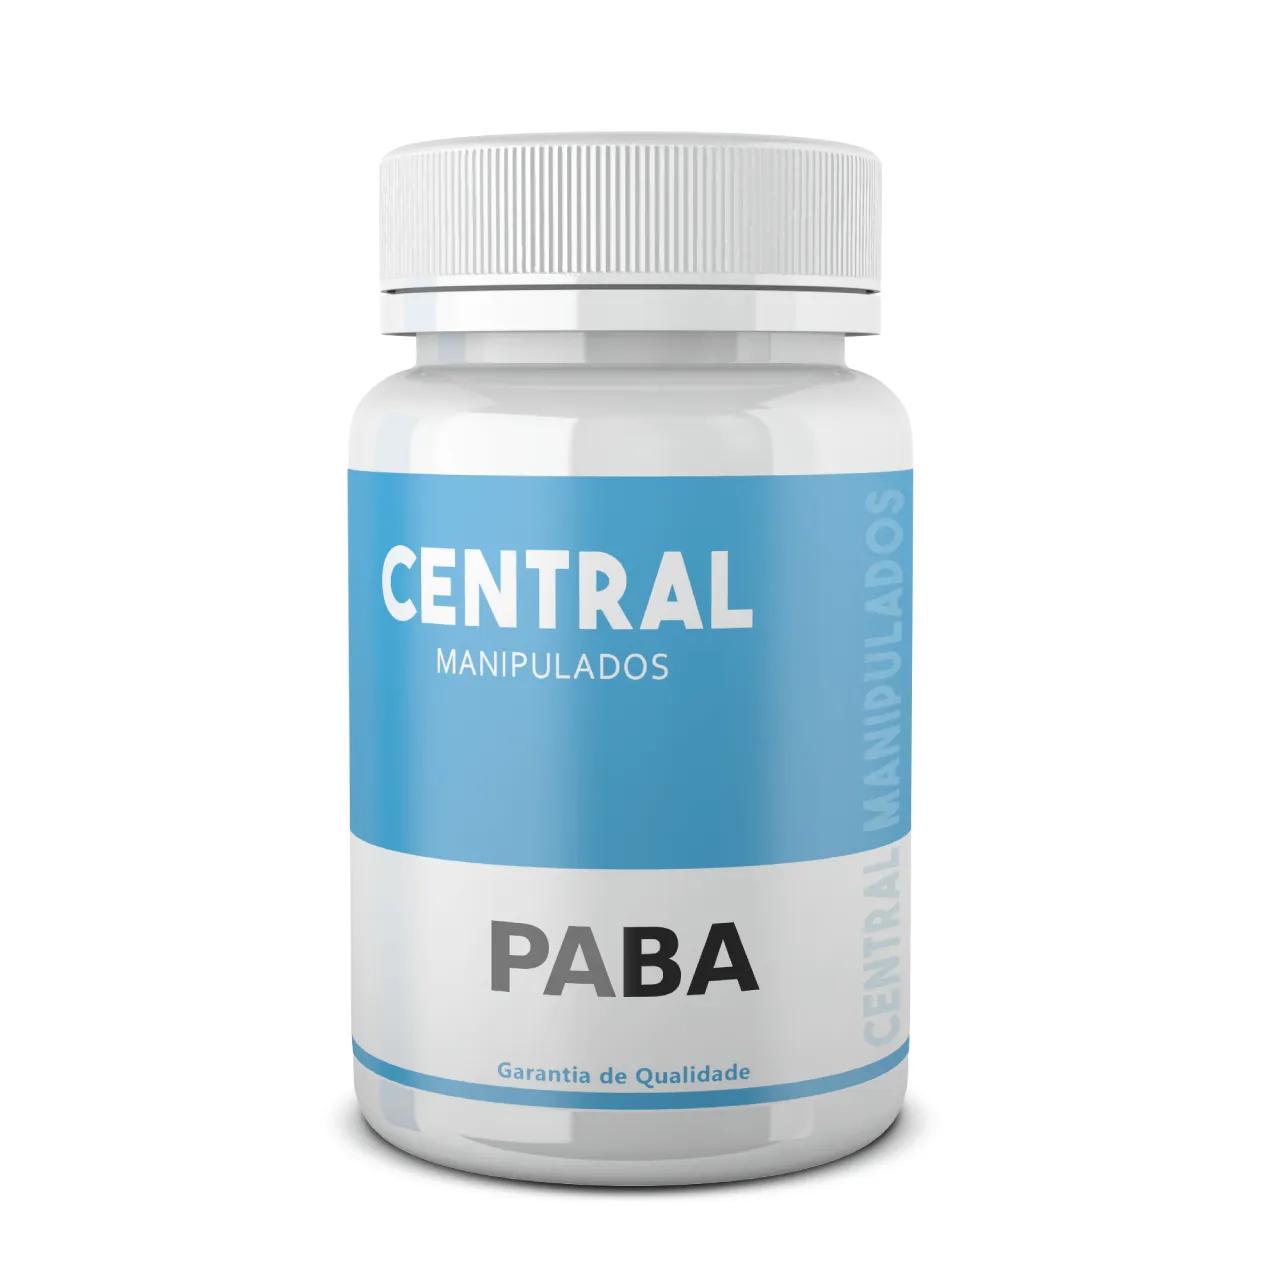 PABA 20mg - 120 cápsulas - Previne e evita queda capilar, Melhora Problemas Intestinais, Previne o câncer de pele e coloração desigual da pele